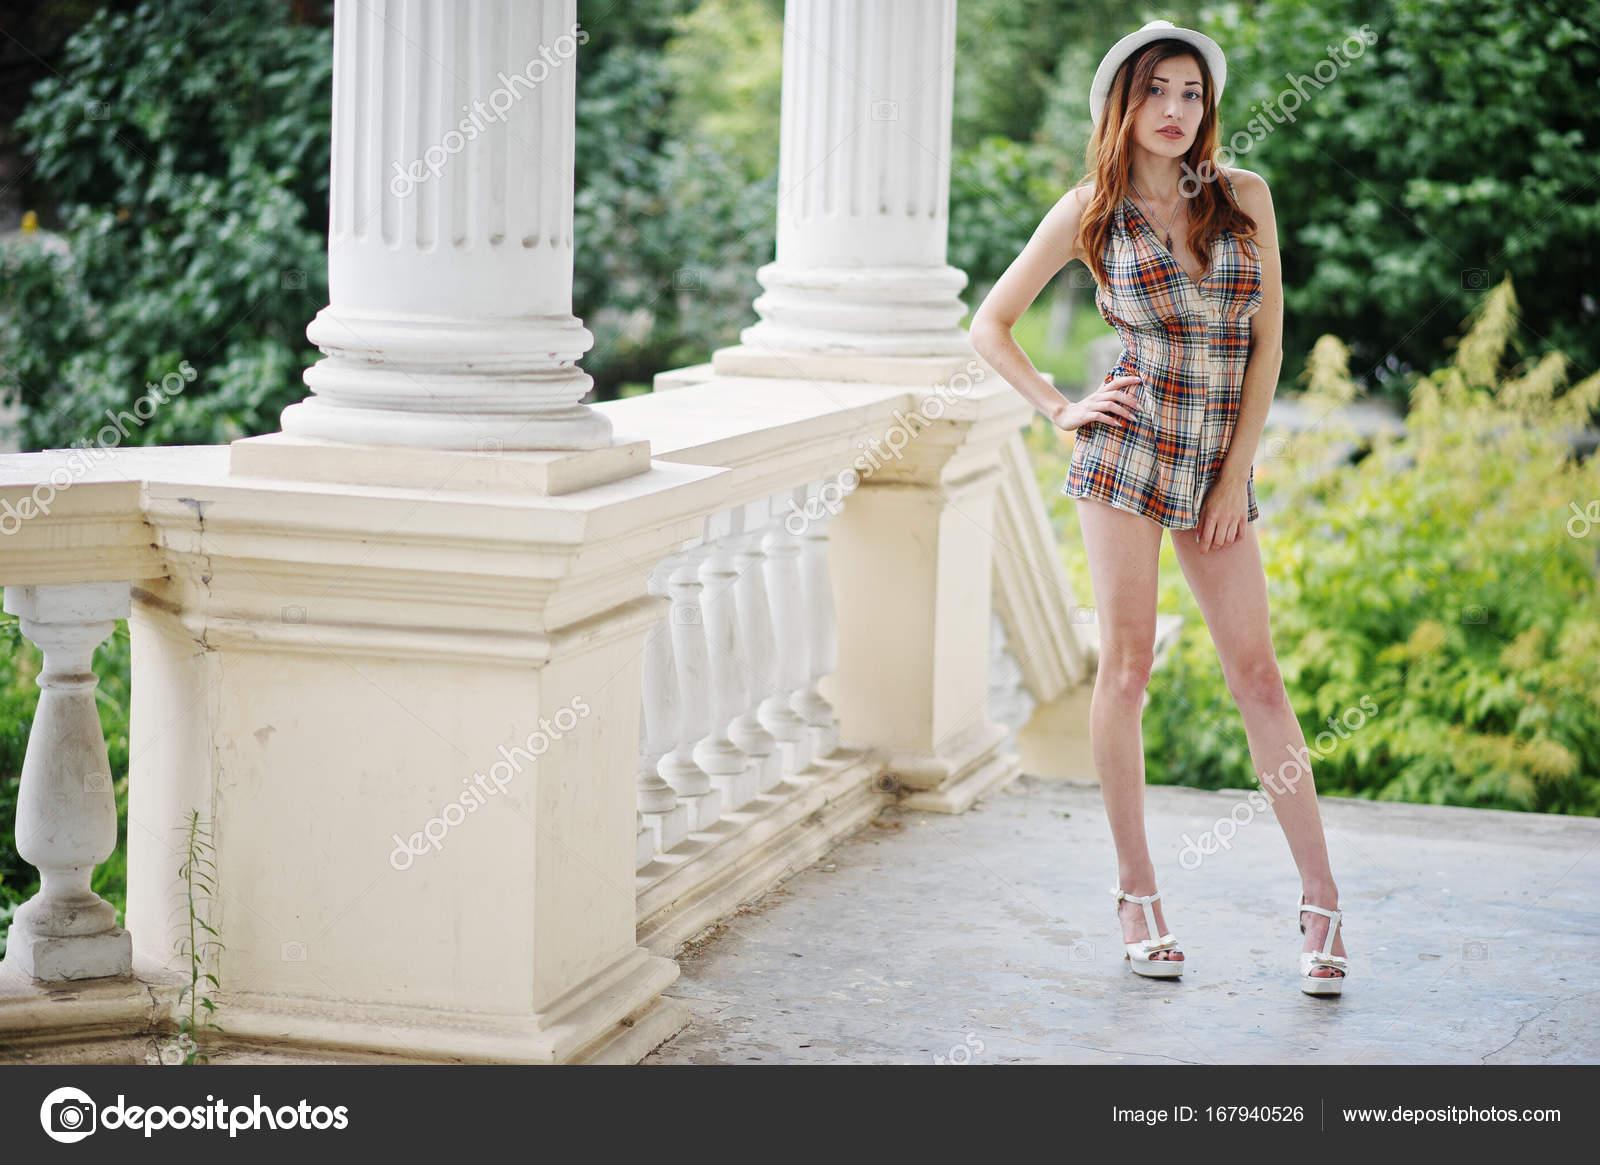 Члены секс это фото девушку длинные ножки фильм